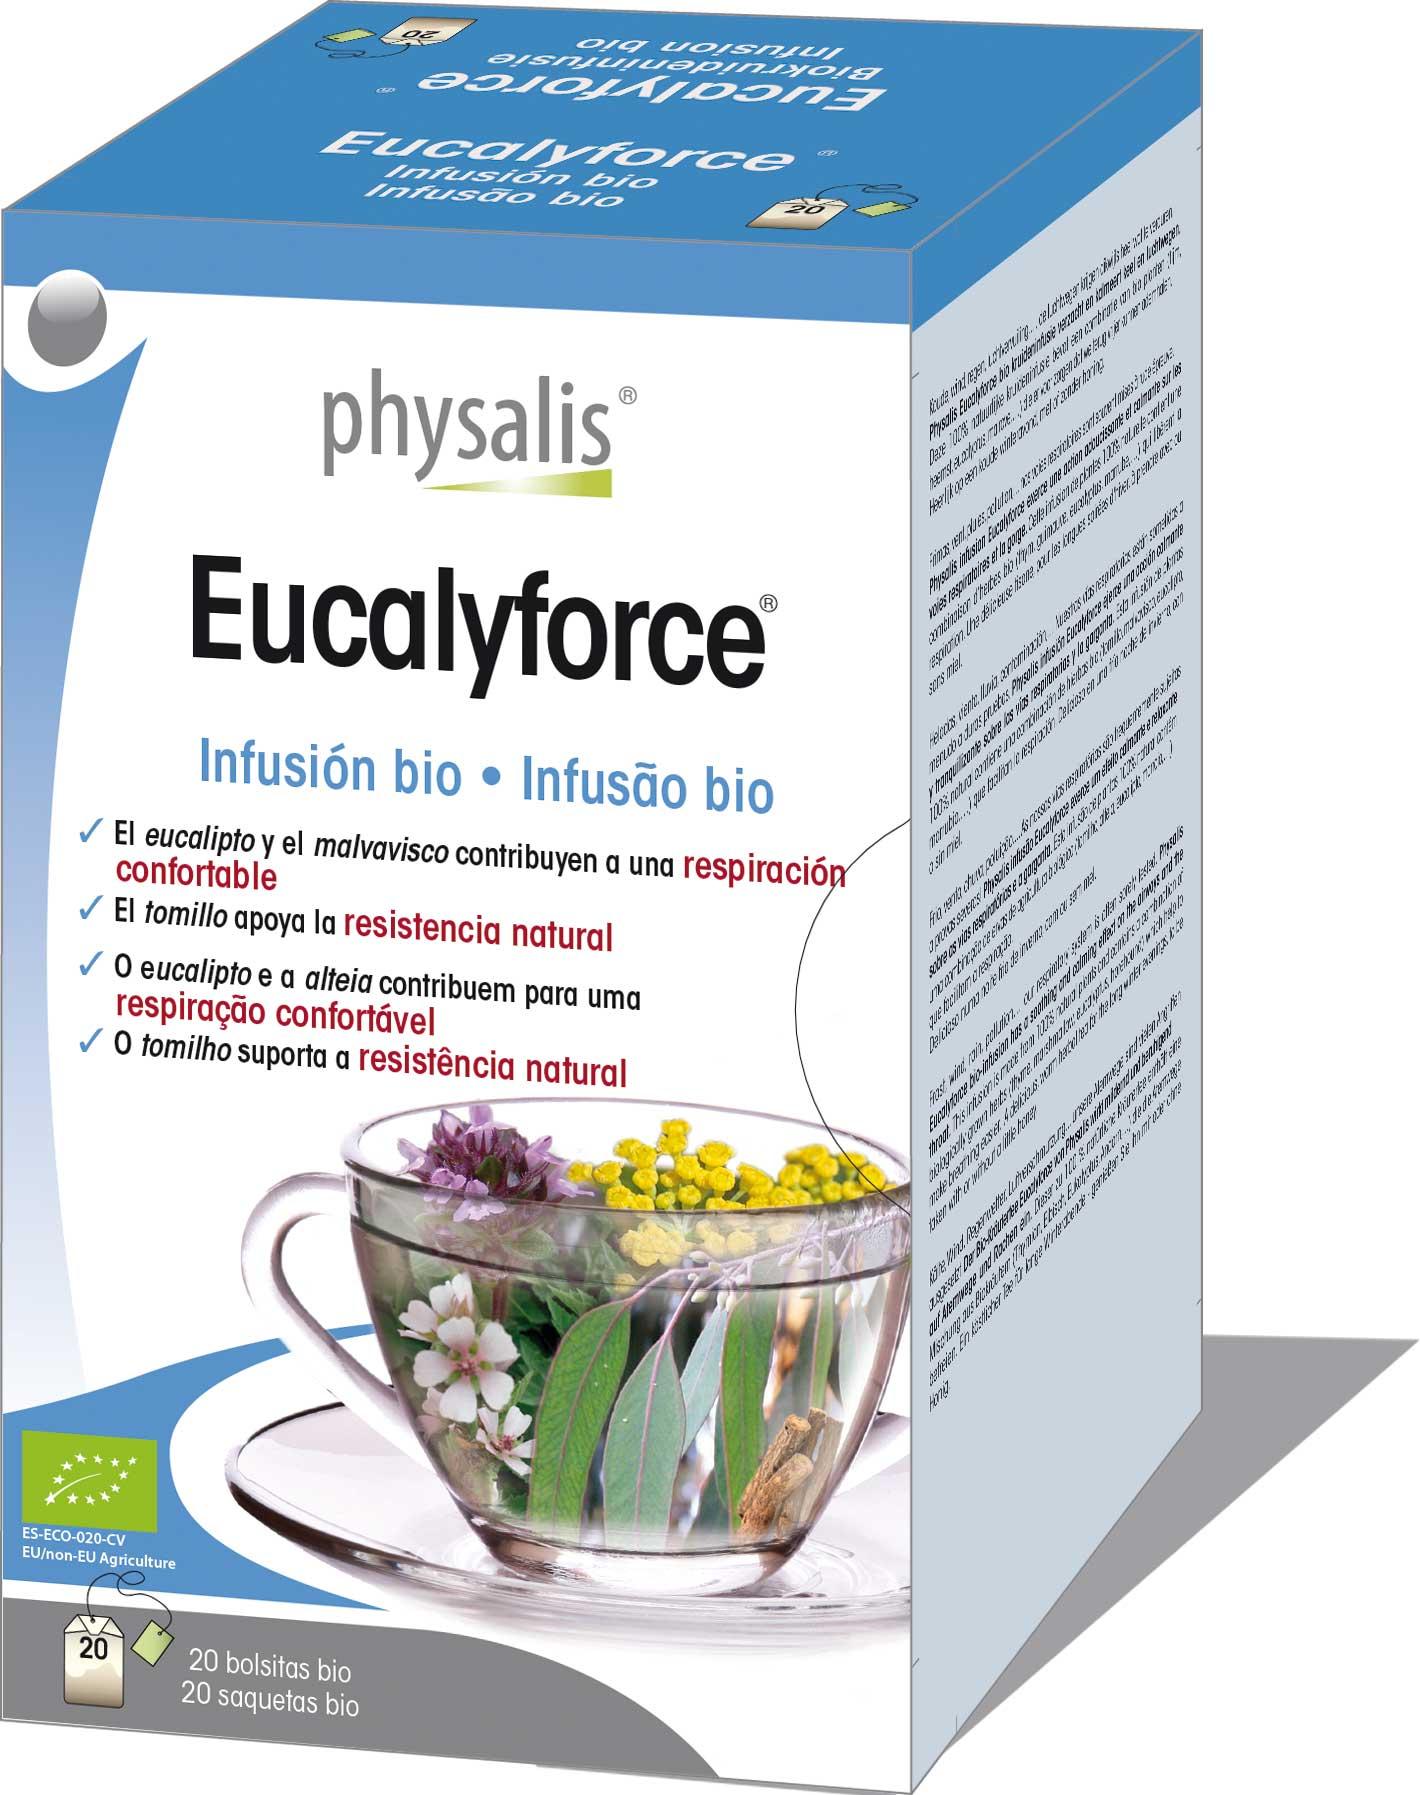 Eucalyforce<sup>®</sup> Infusión bio